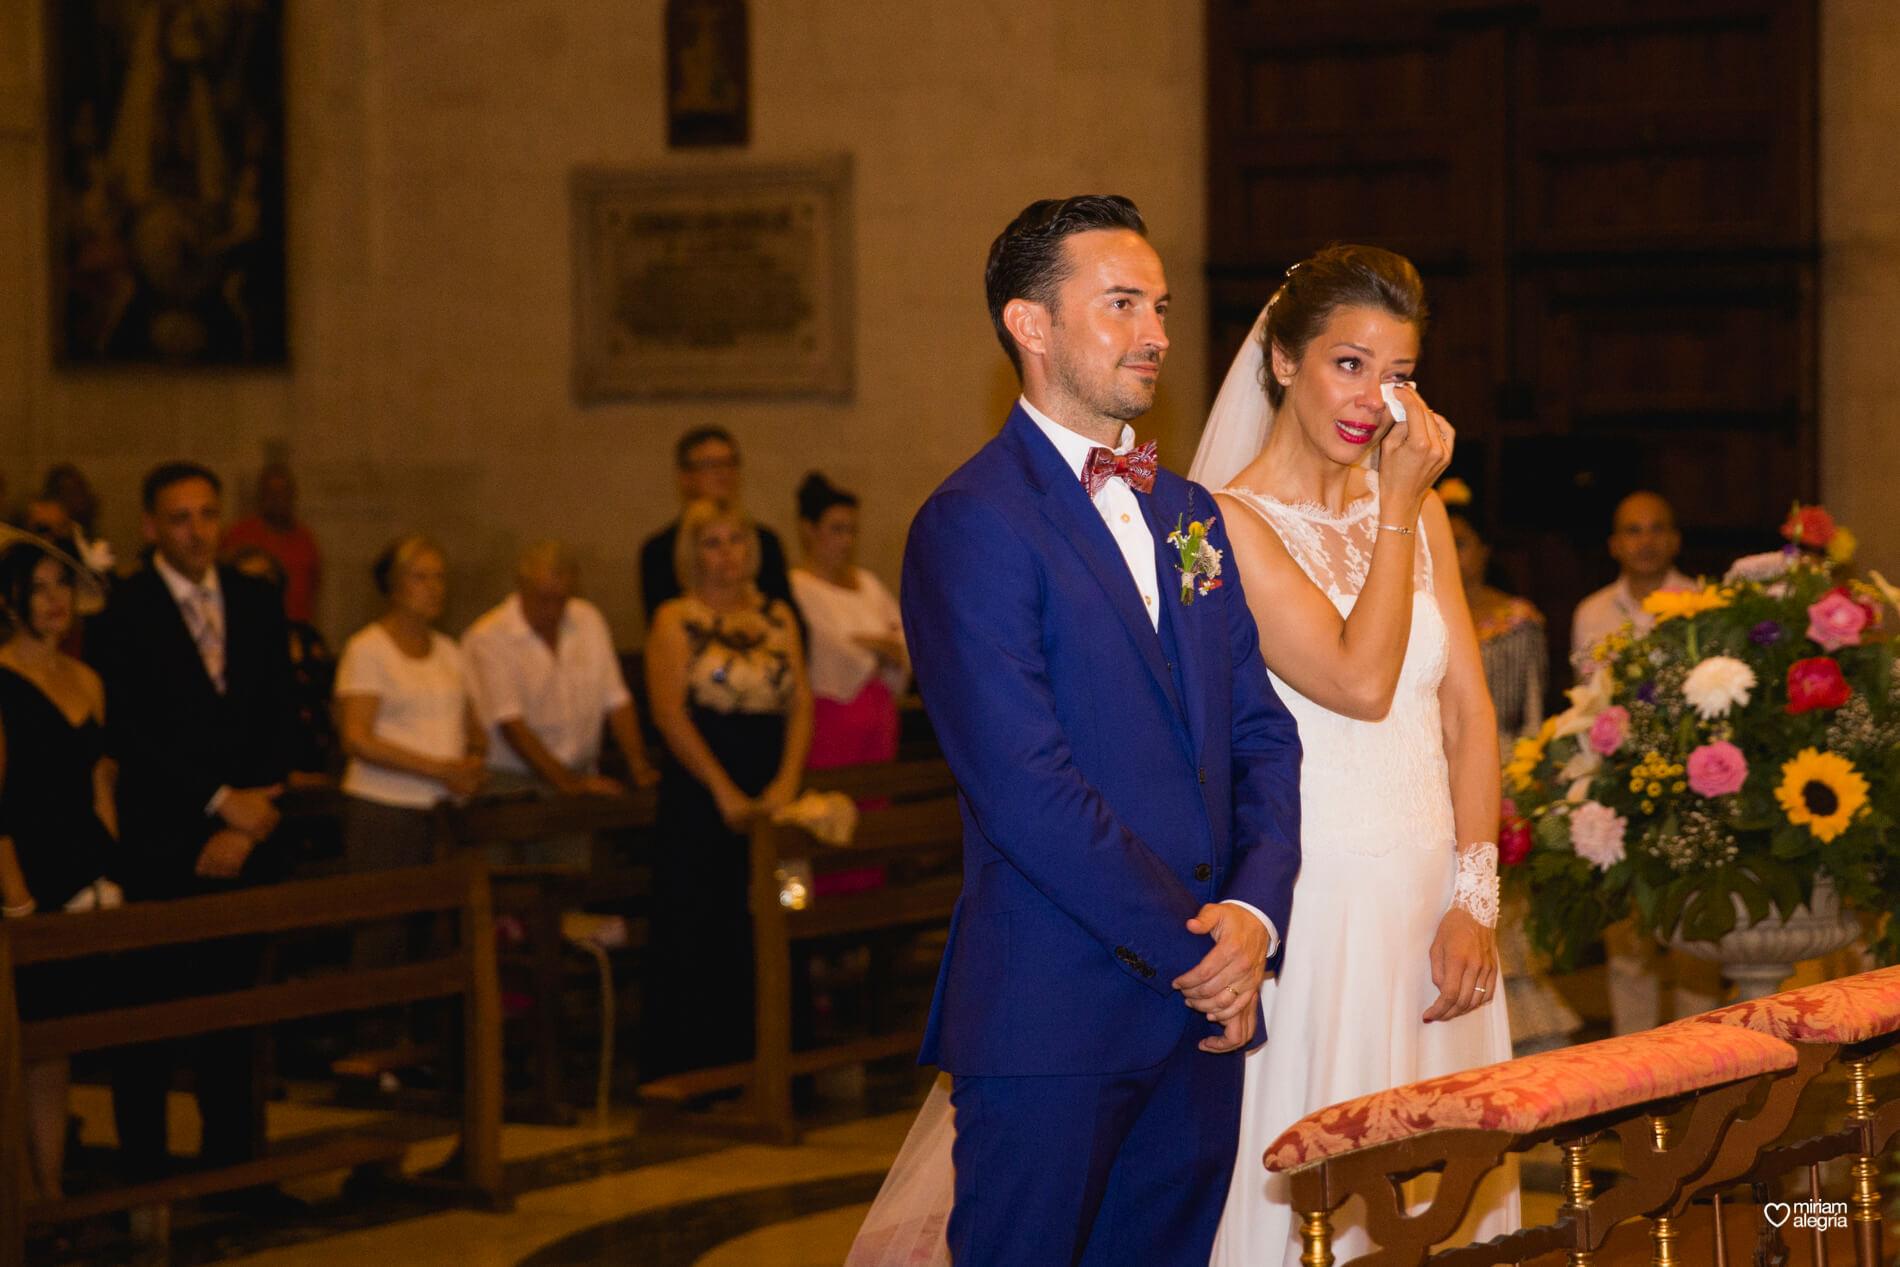 wedding-huerto-del-cura-elche-miriam-alegria-fotografos-boda-231